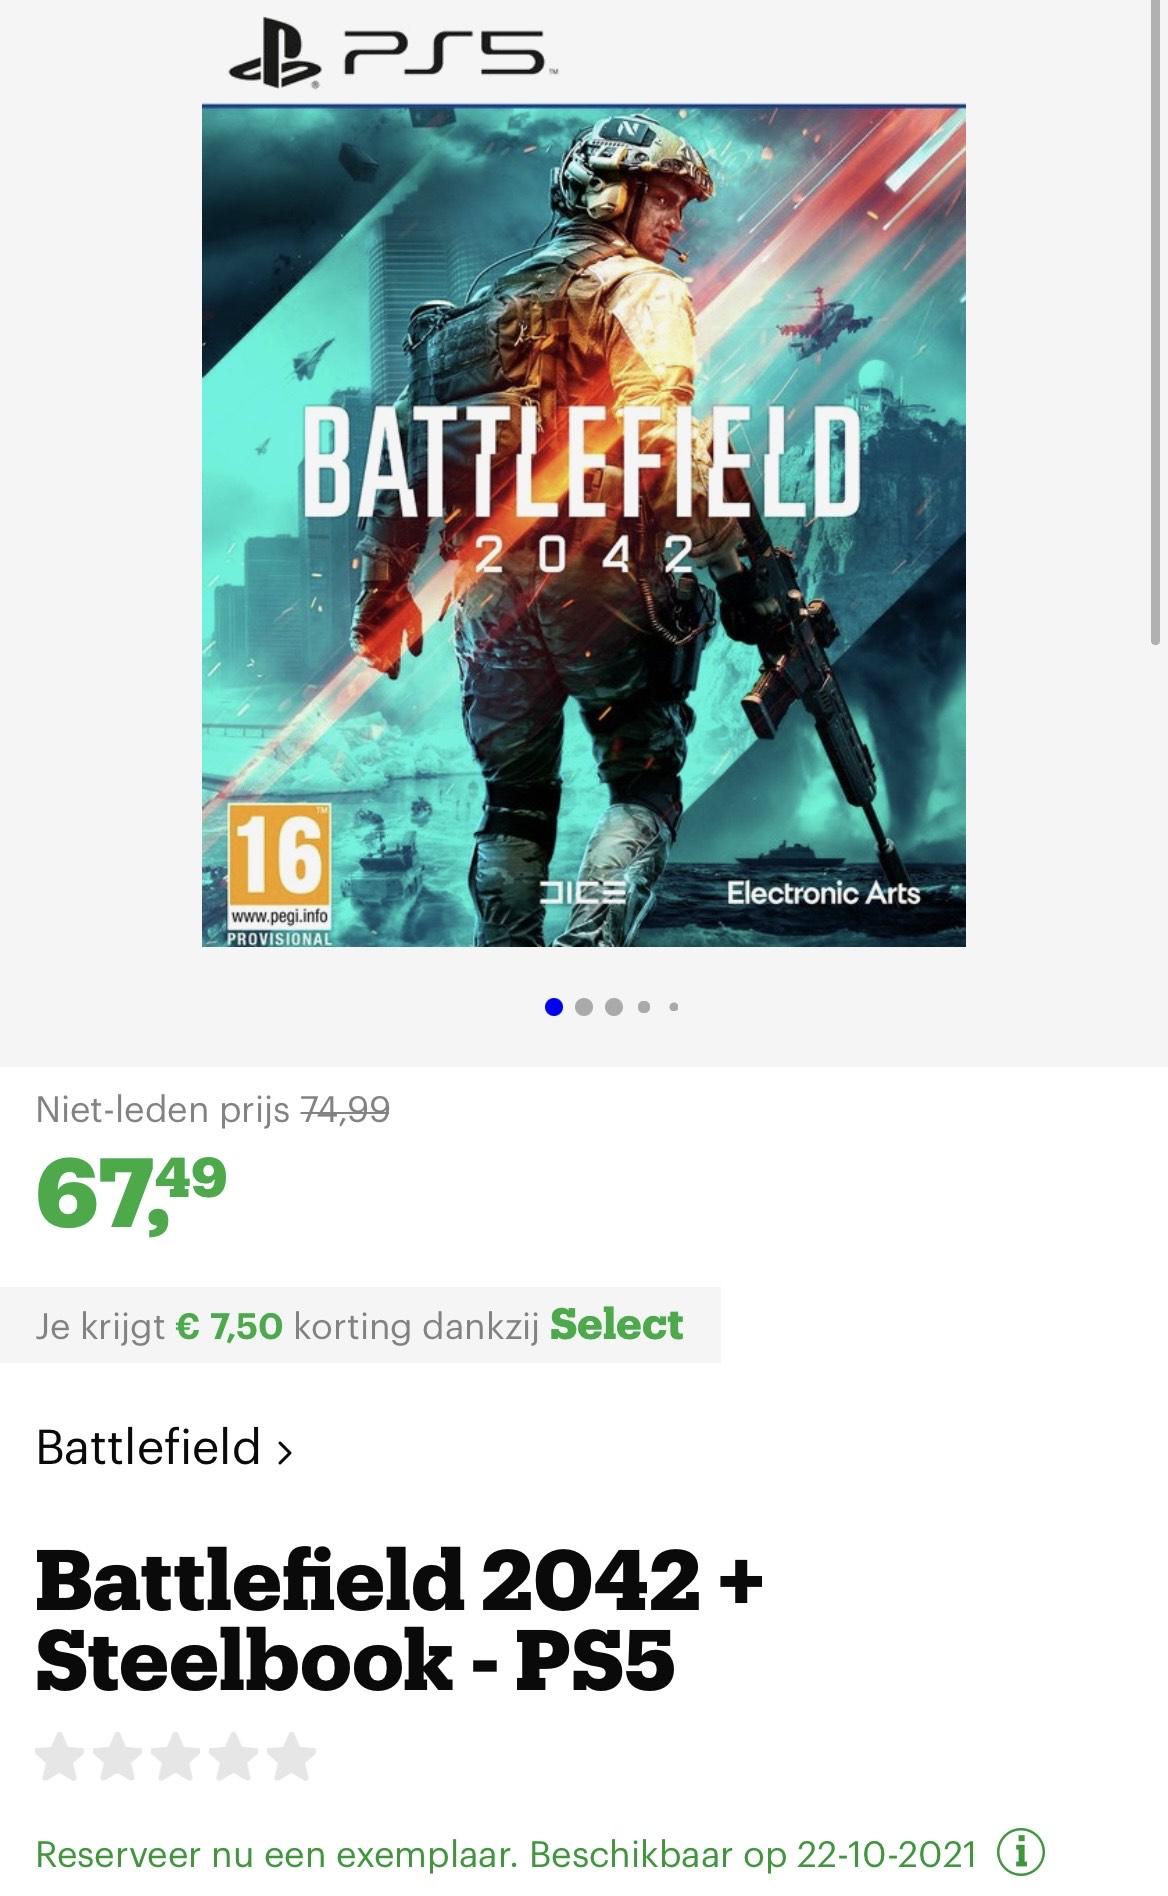 Select leden €7,50 korting op de pre-order Battlefield 2042 Special Edition op de PS5, PS4 & Xbox